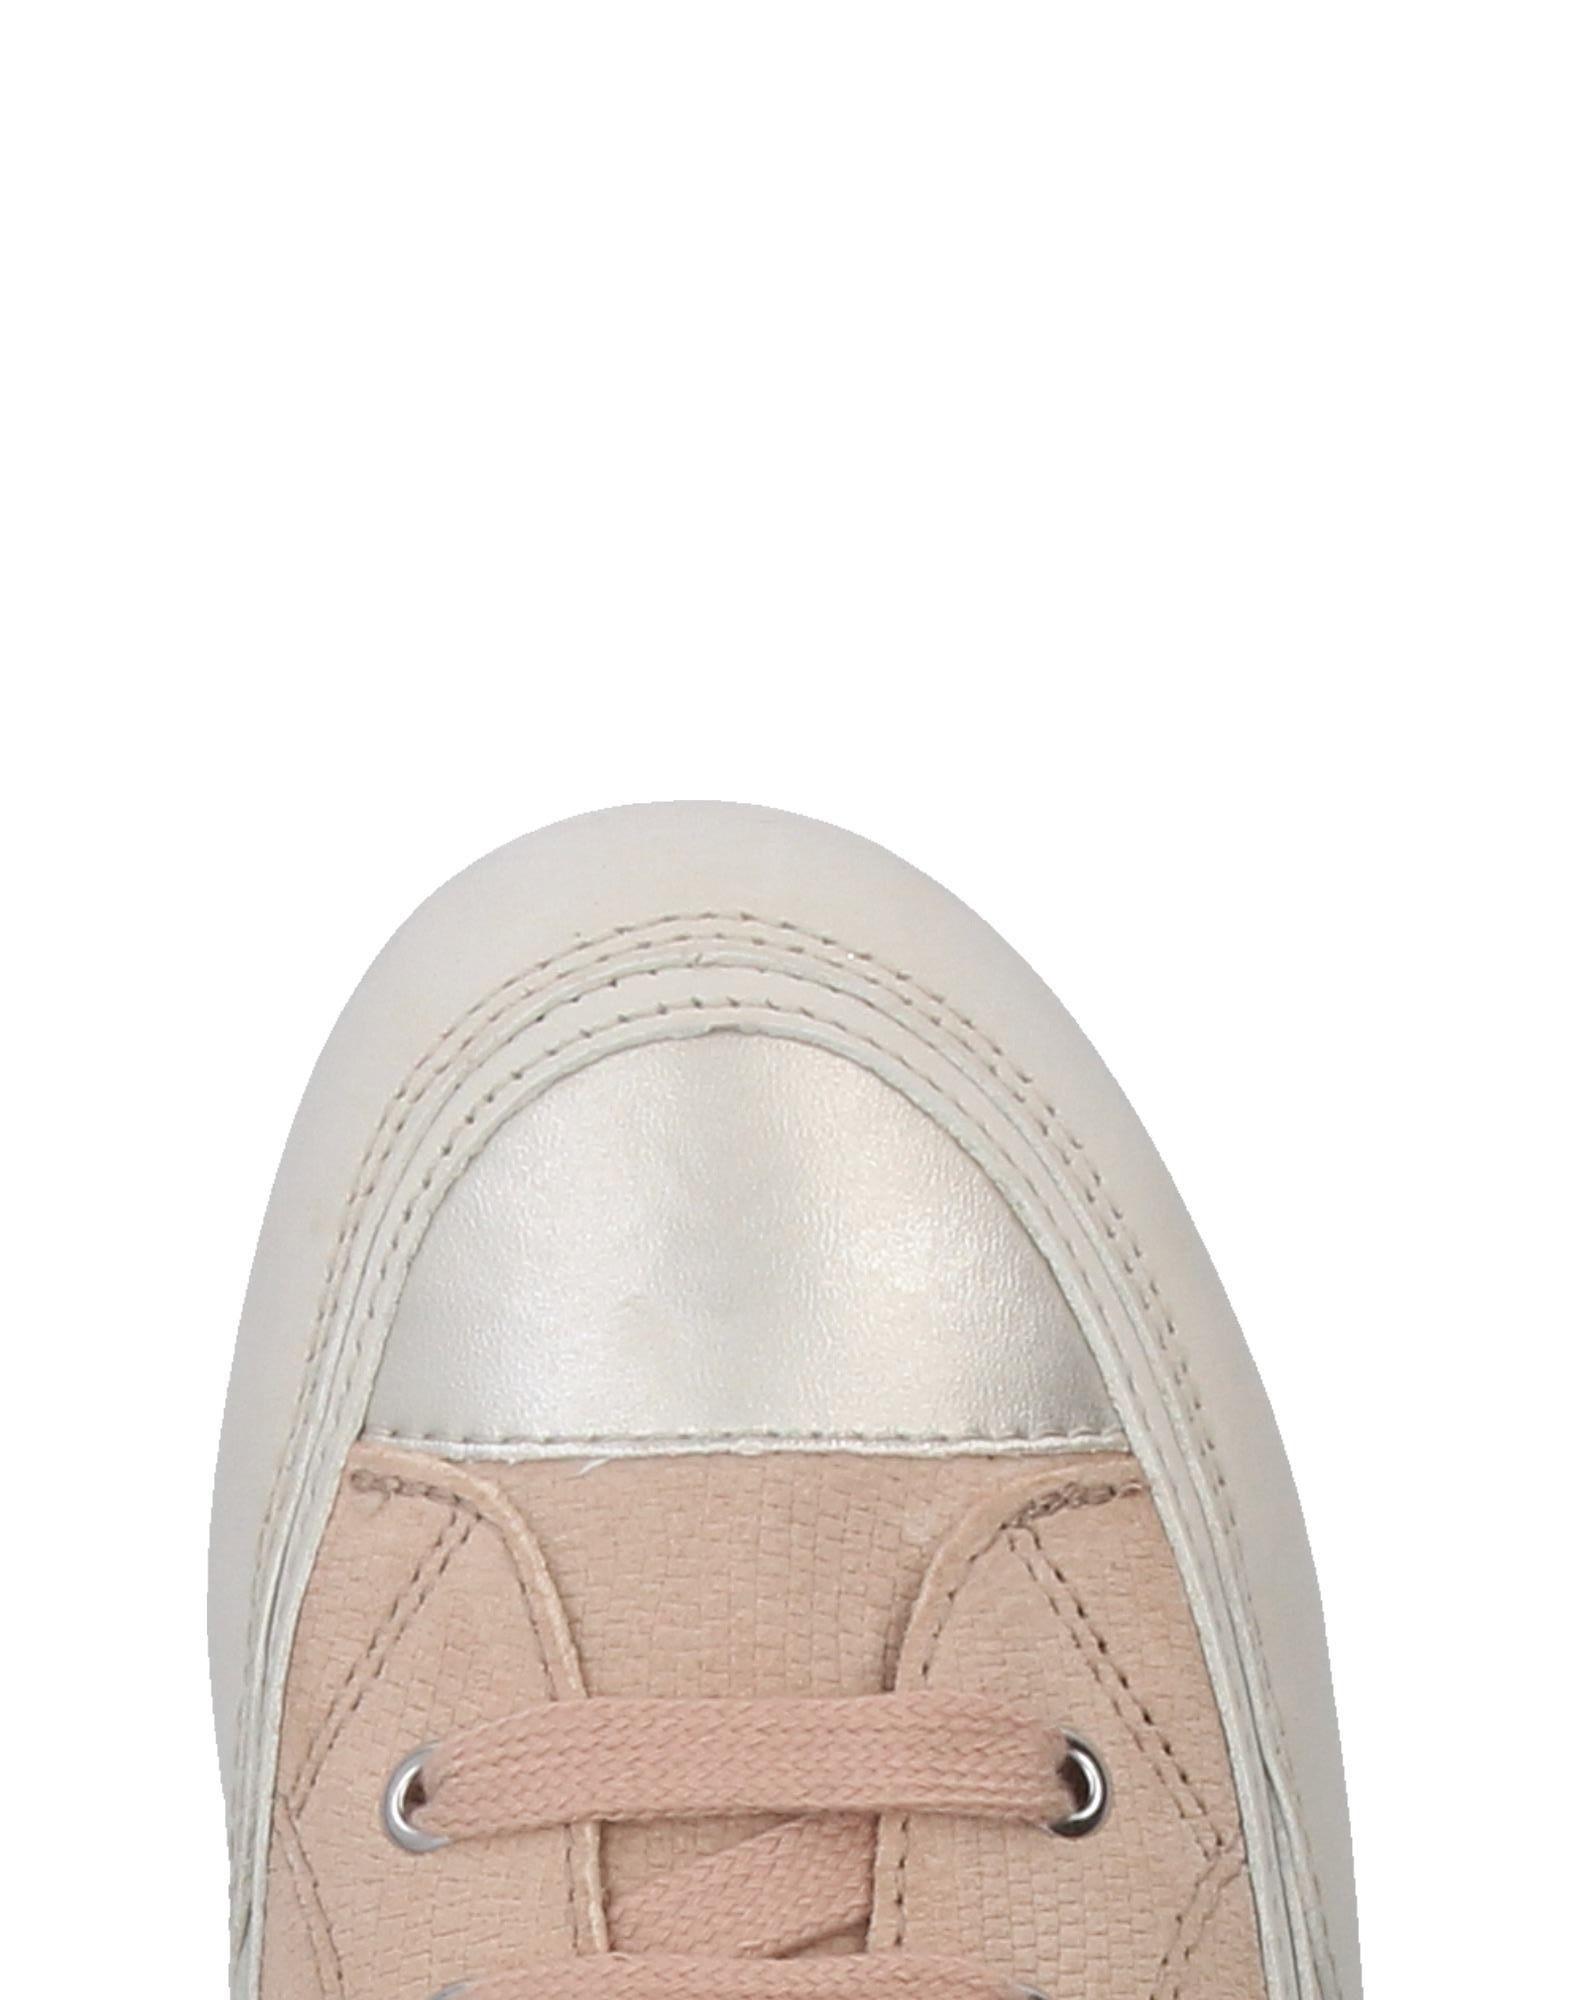 Geox Sneakers Geox Sneakers AdRemD09iE sur Femme 8mNw0n